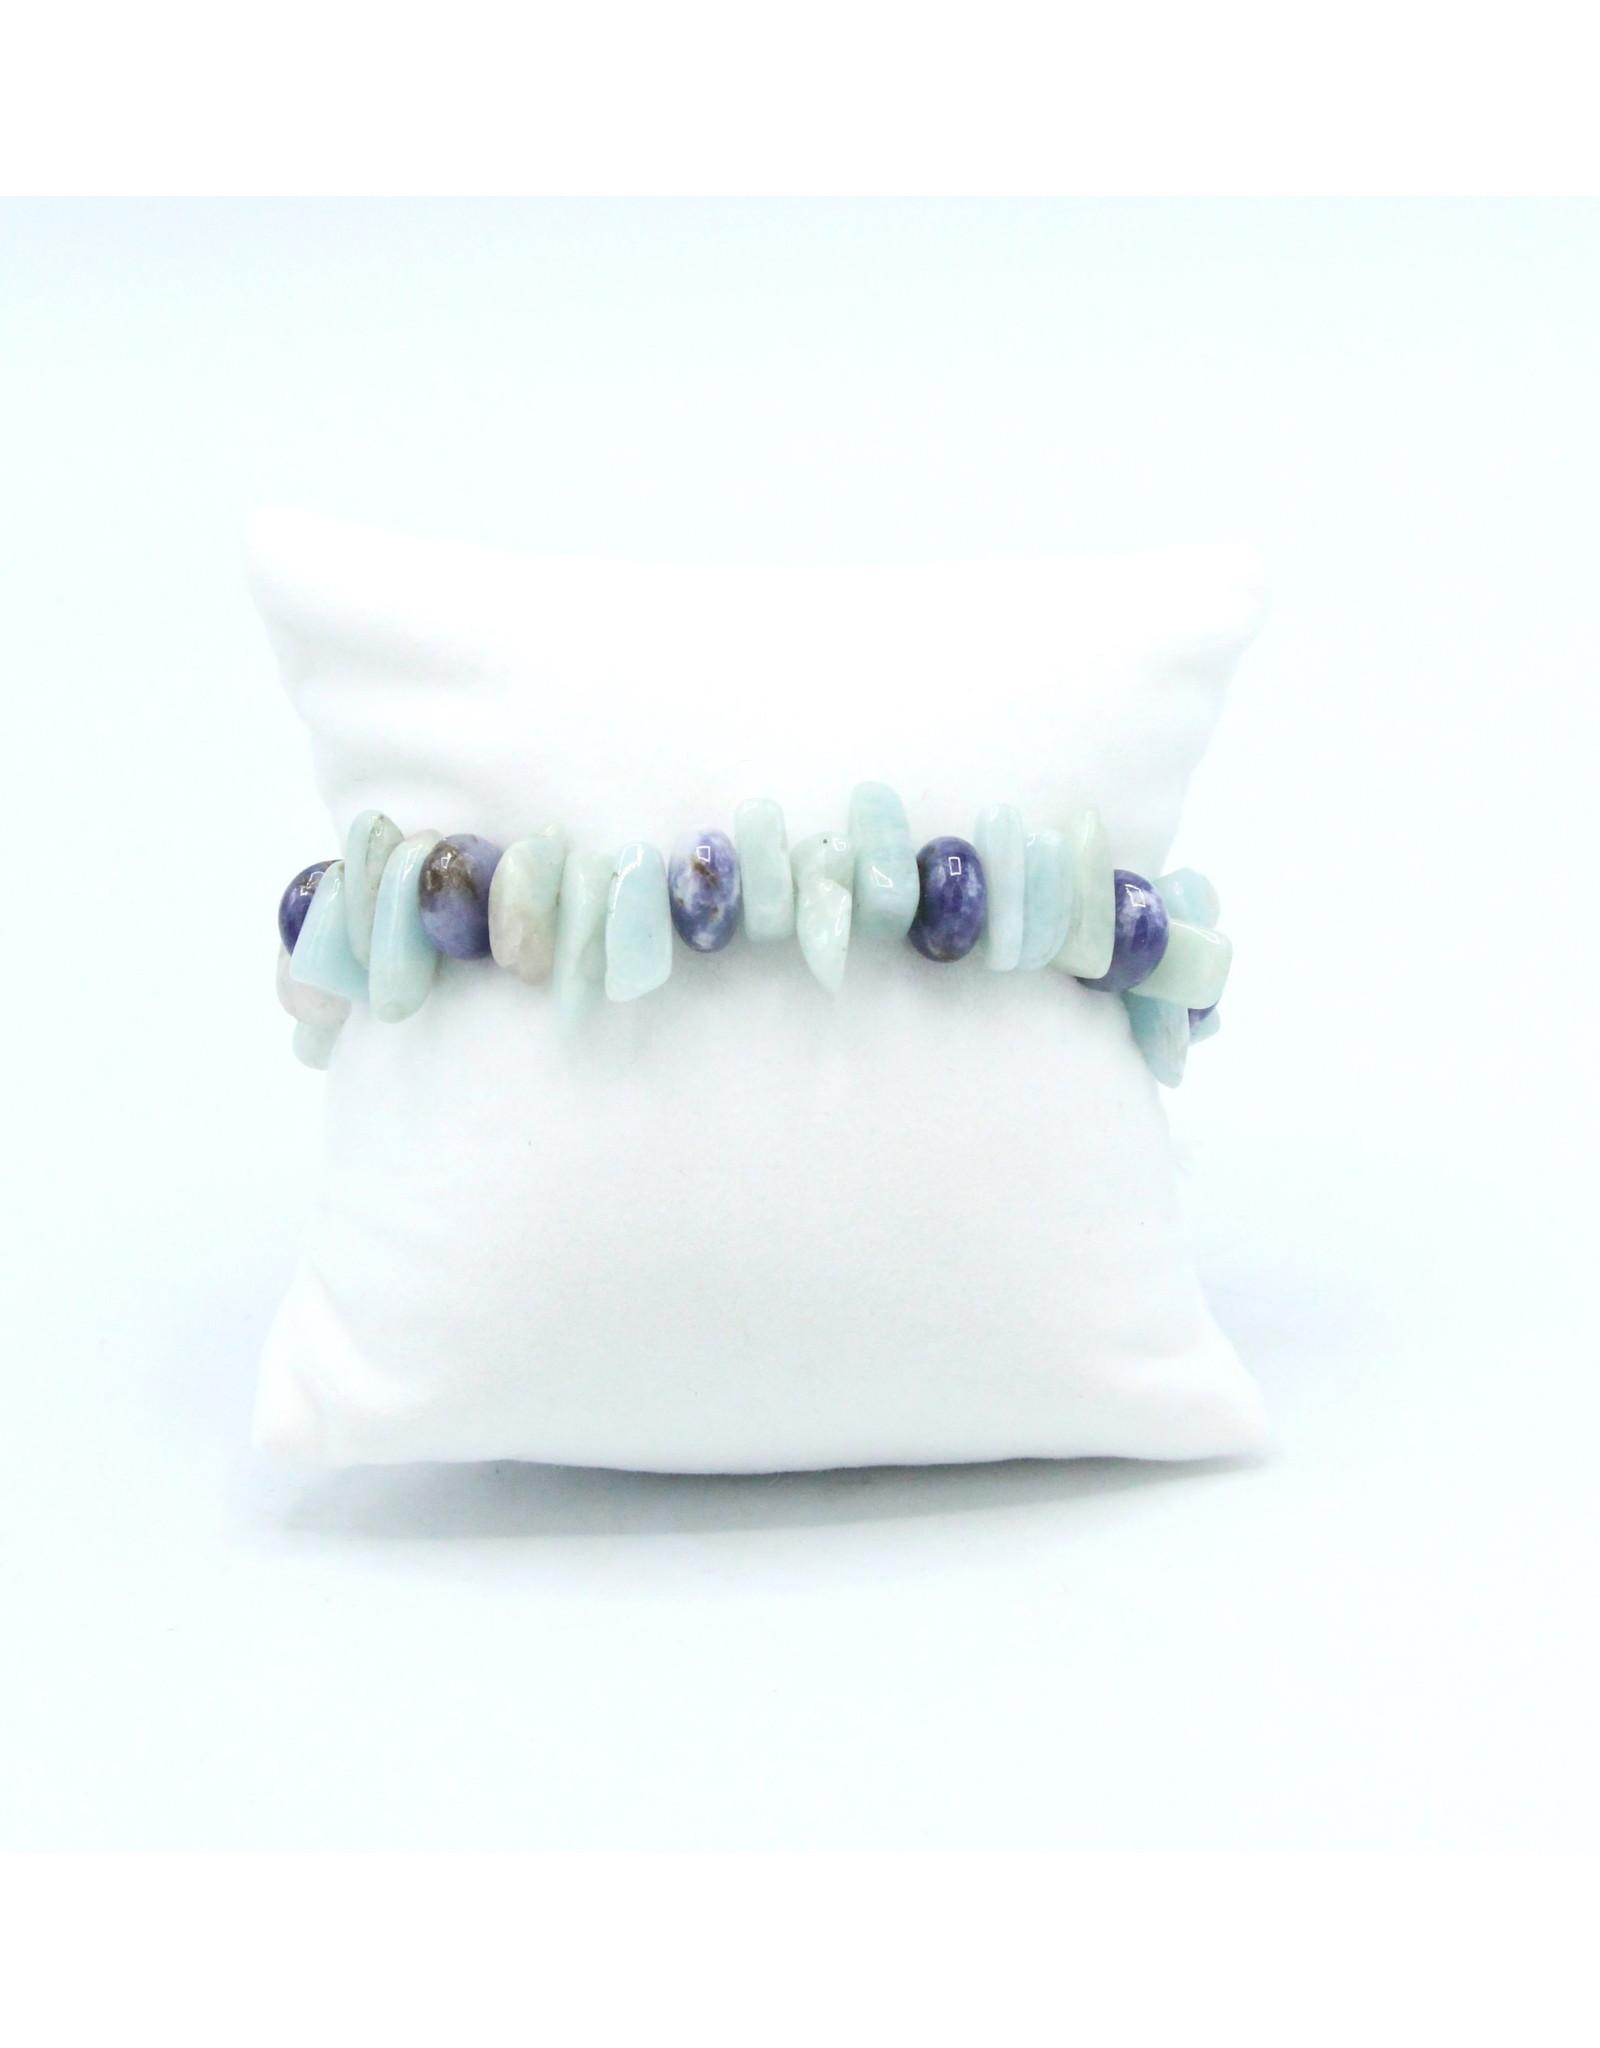 Scapolite and Aquamarine Bracelet - BSA01